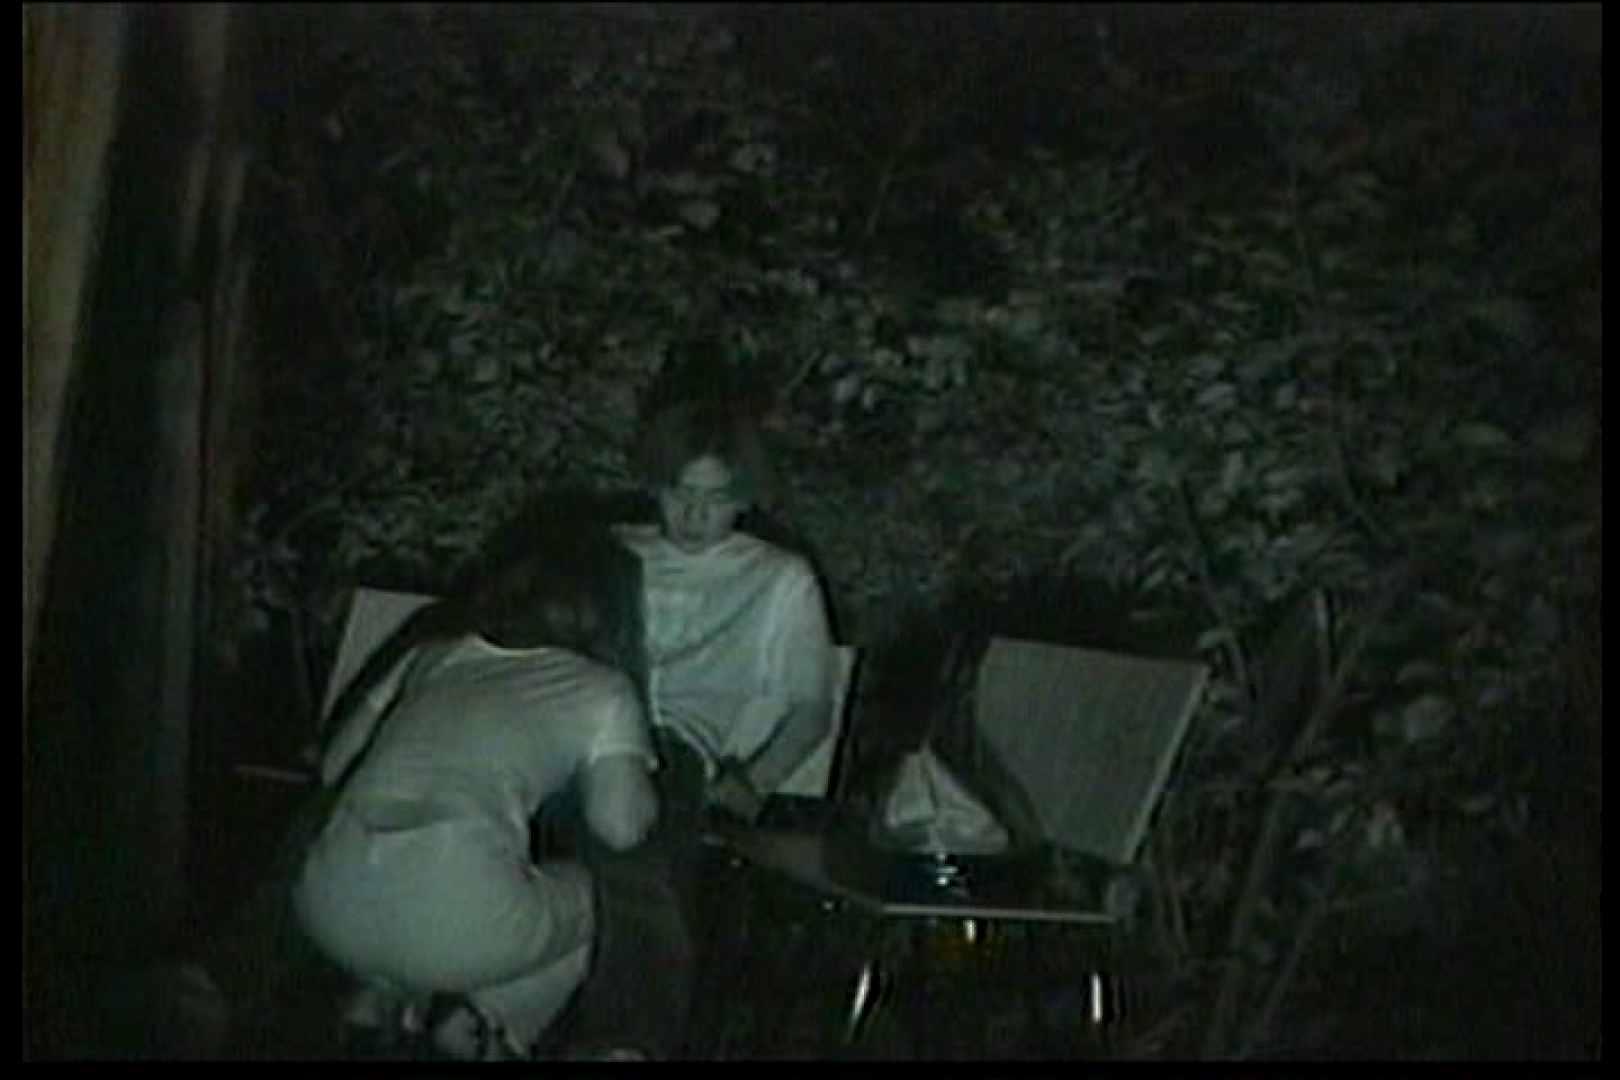 闇の仕掛け人 無修正版 Vol.16 セックス AV無料動画キャプチャ 78PIX 28